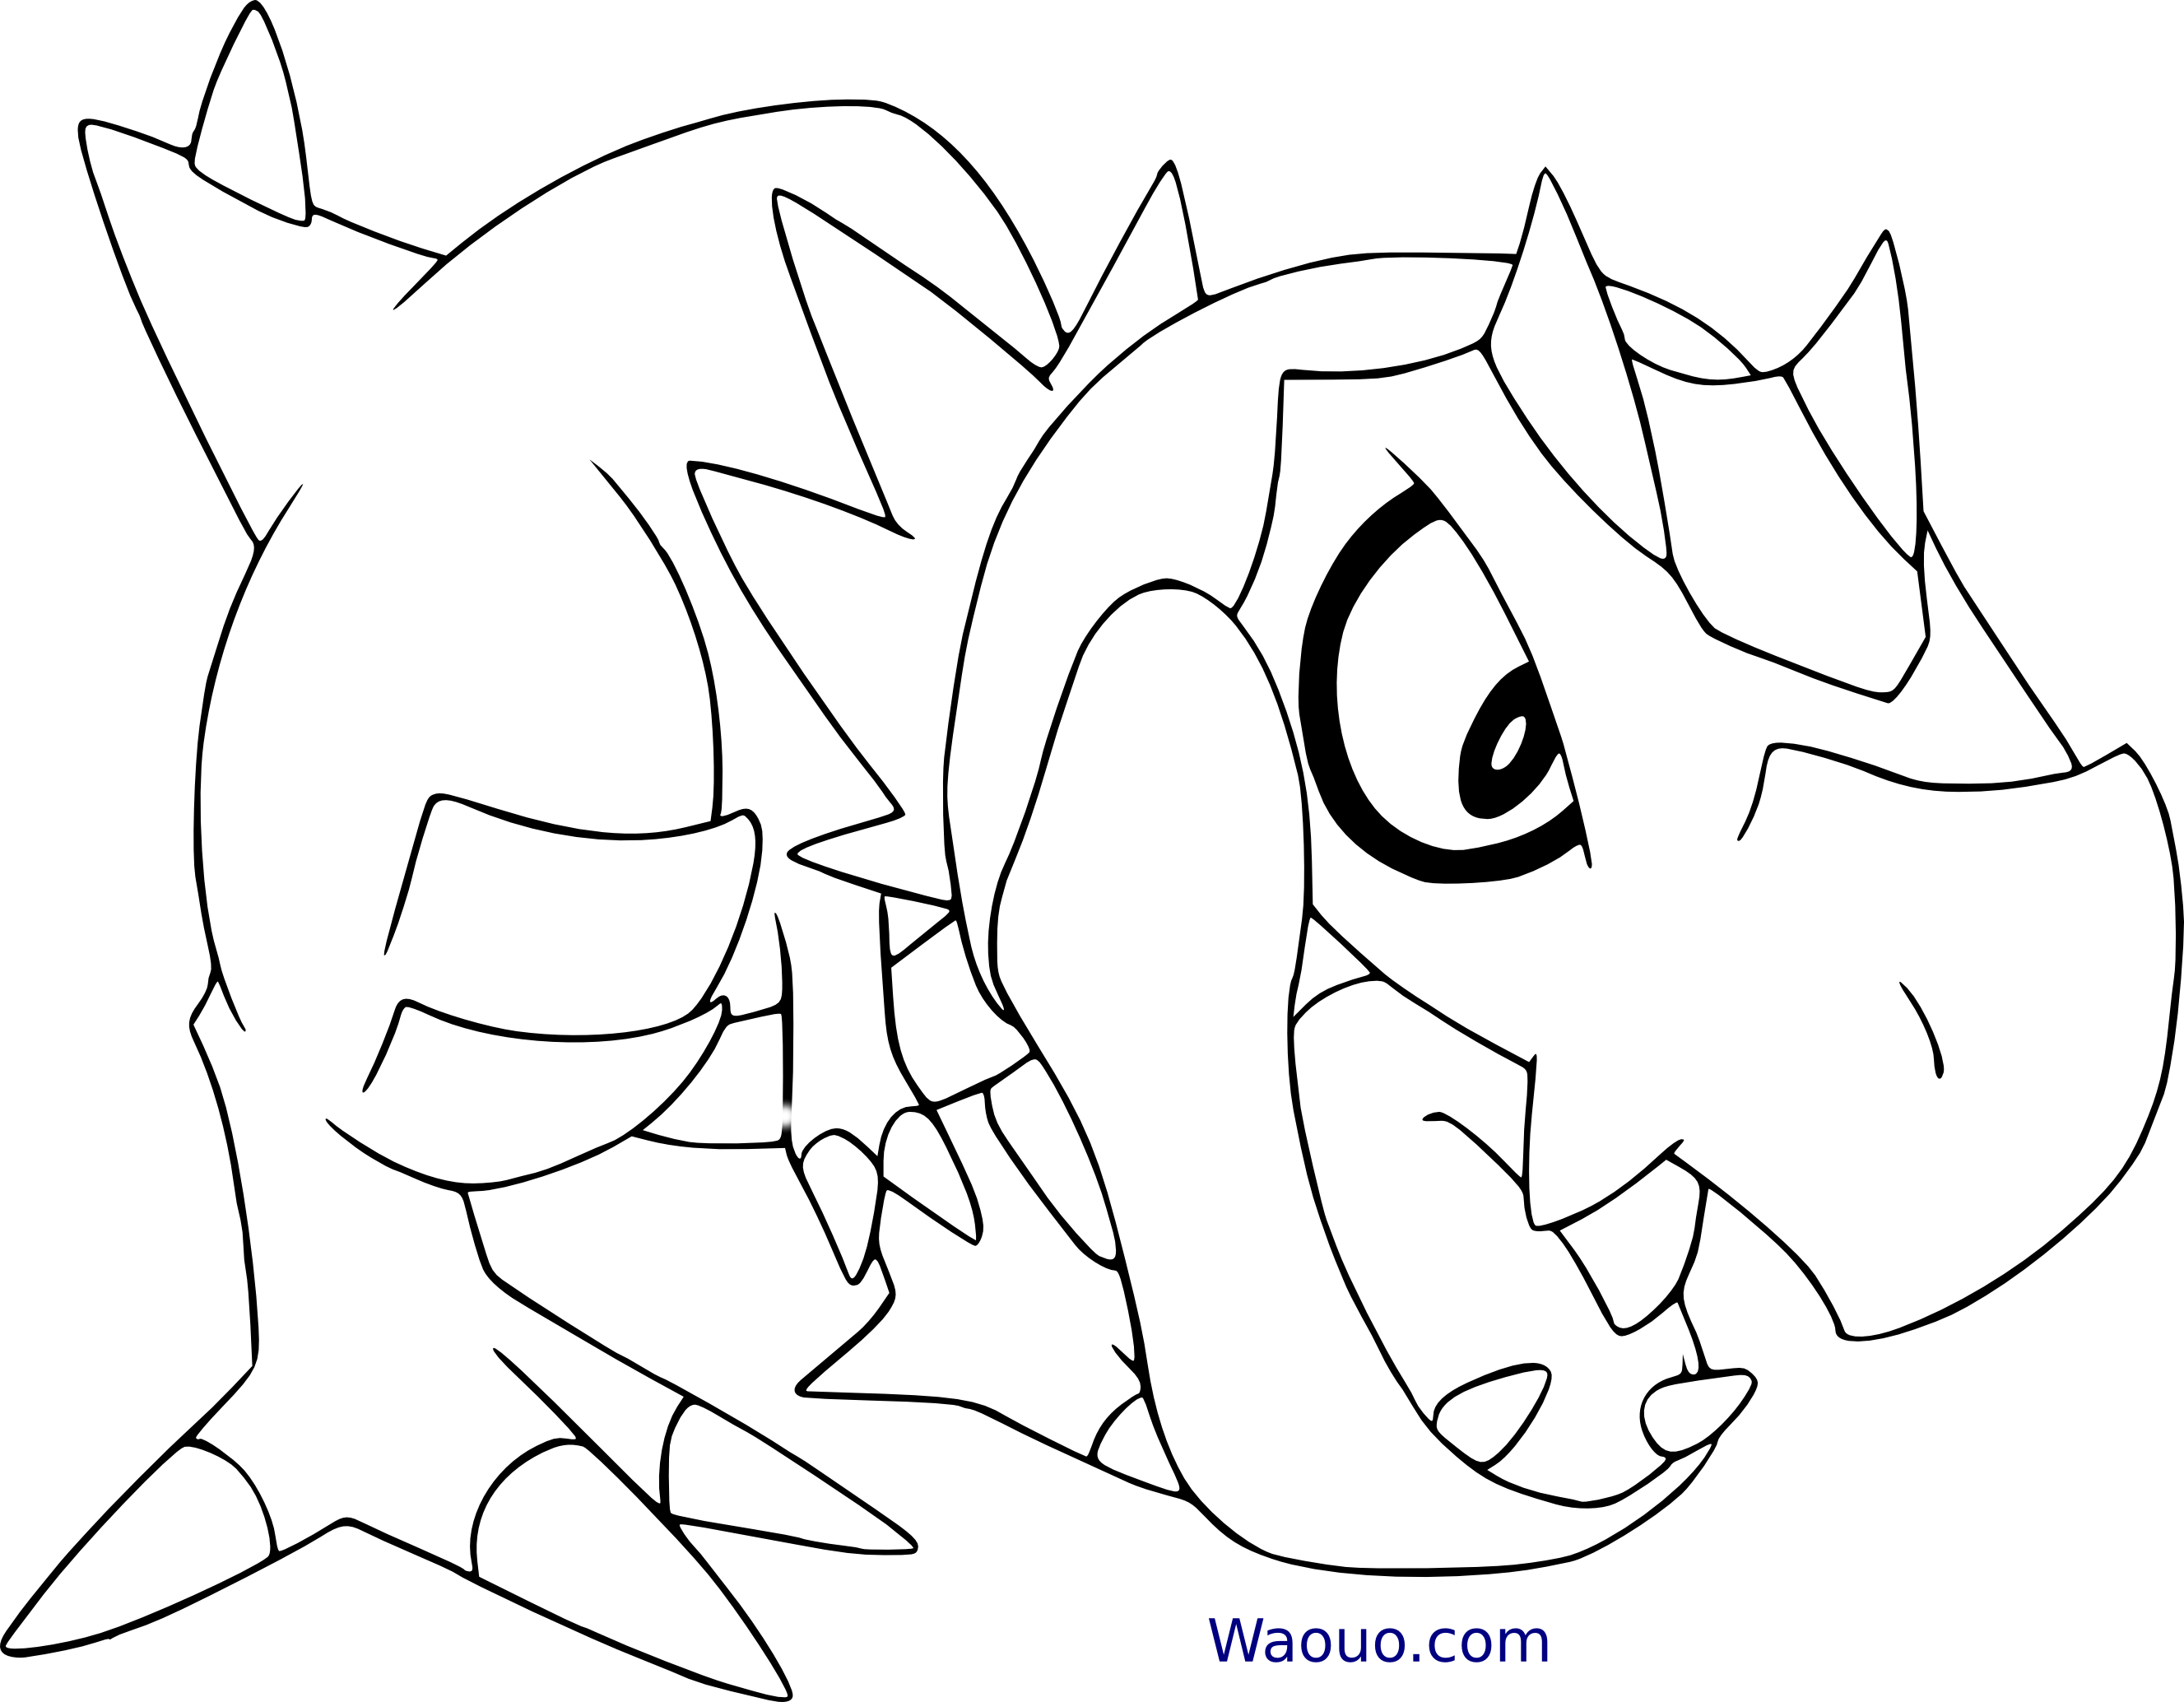 Ptyranidur coloriage pokemon ptyranidur imprimer - Coloriage pokemon brasegali ...